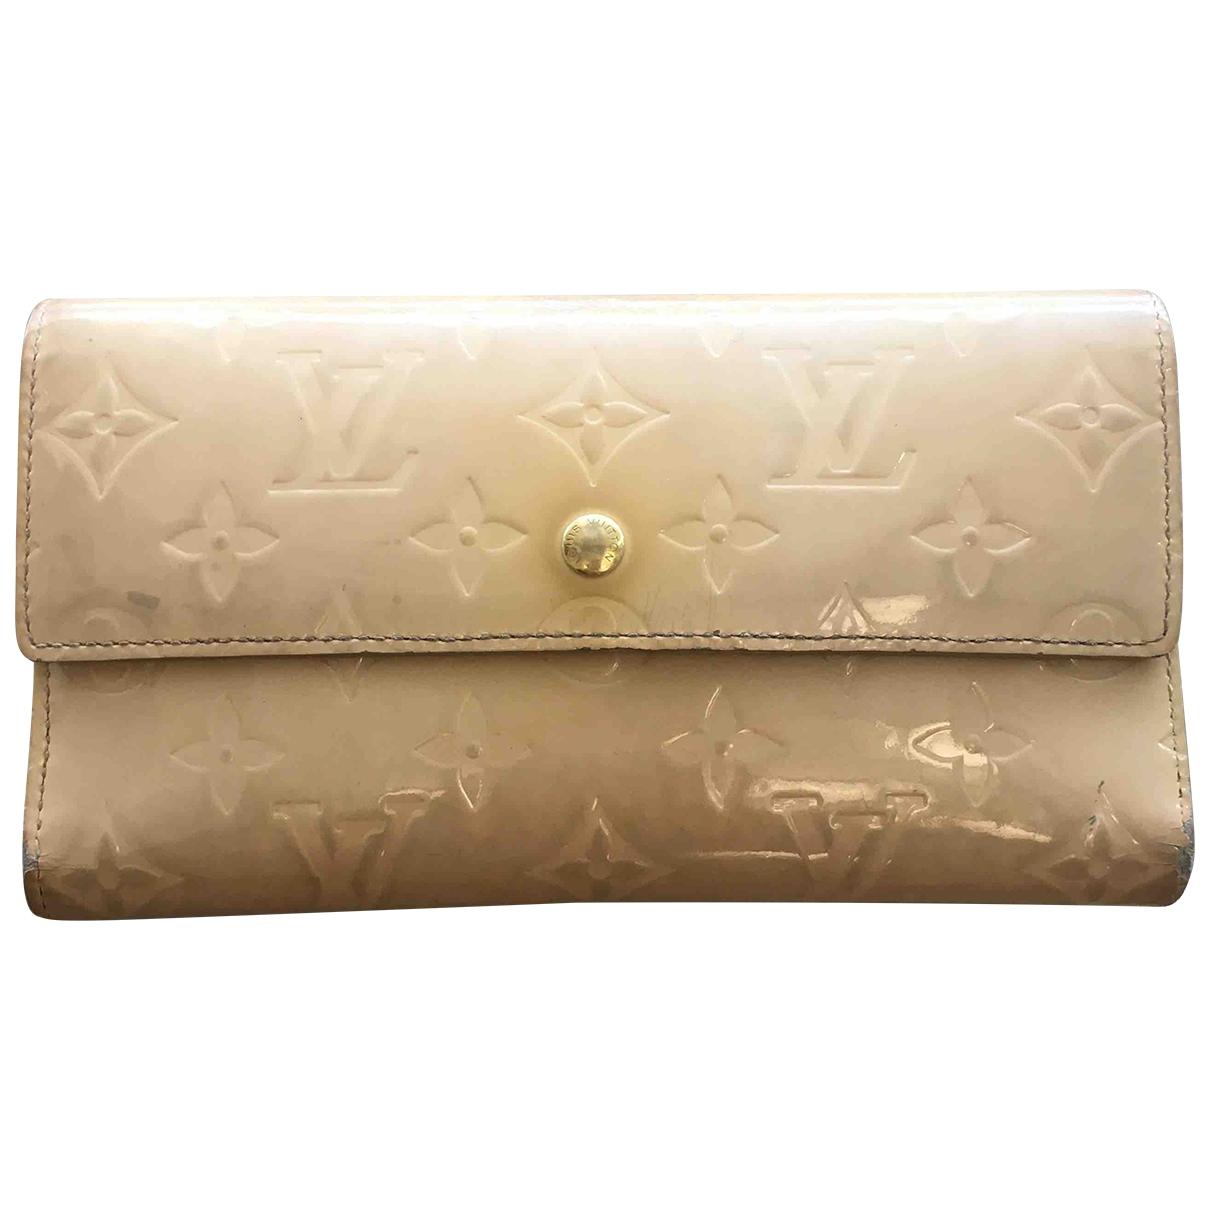 Louis Vuitton - Portefeuille Virtuose pour femme en cuir verni - beige